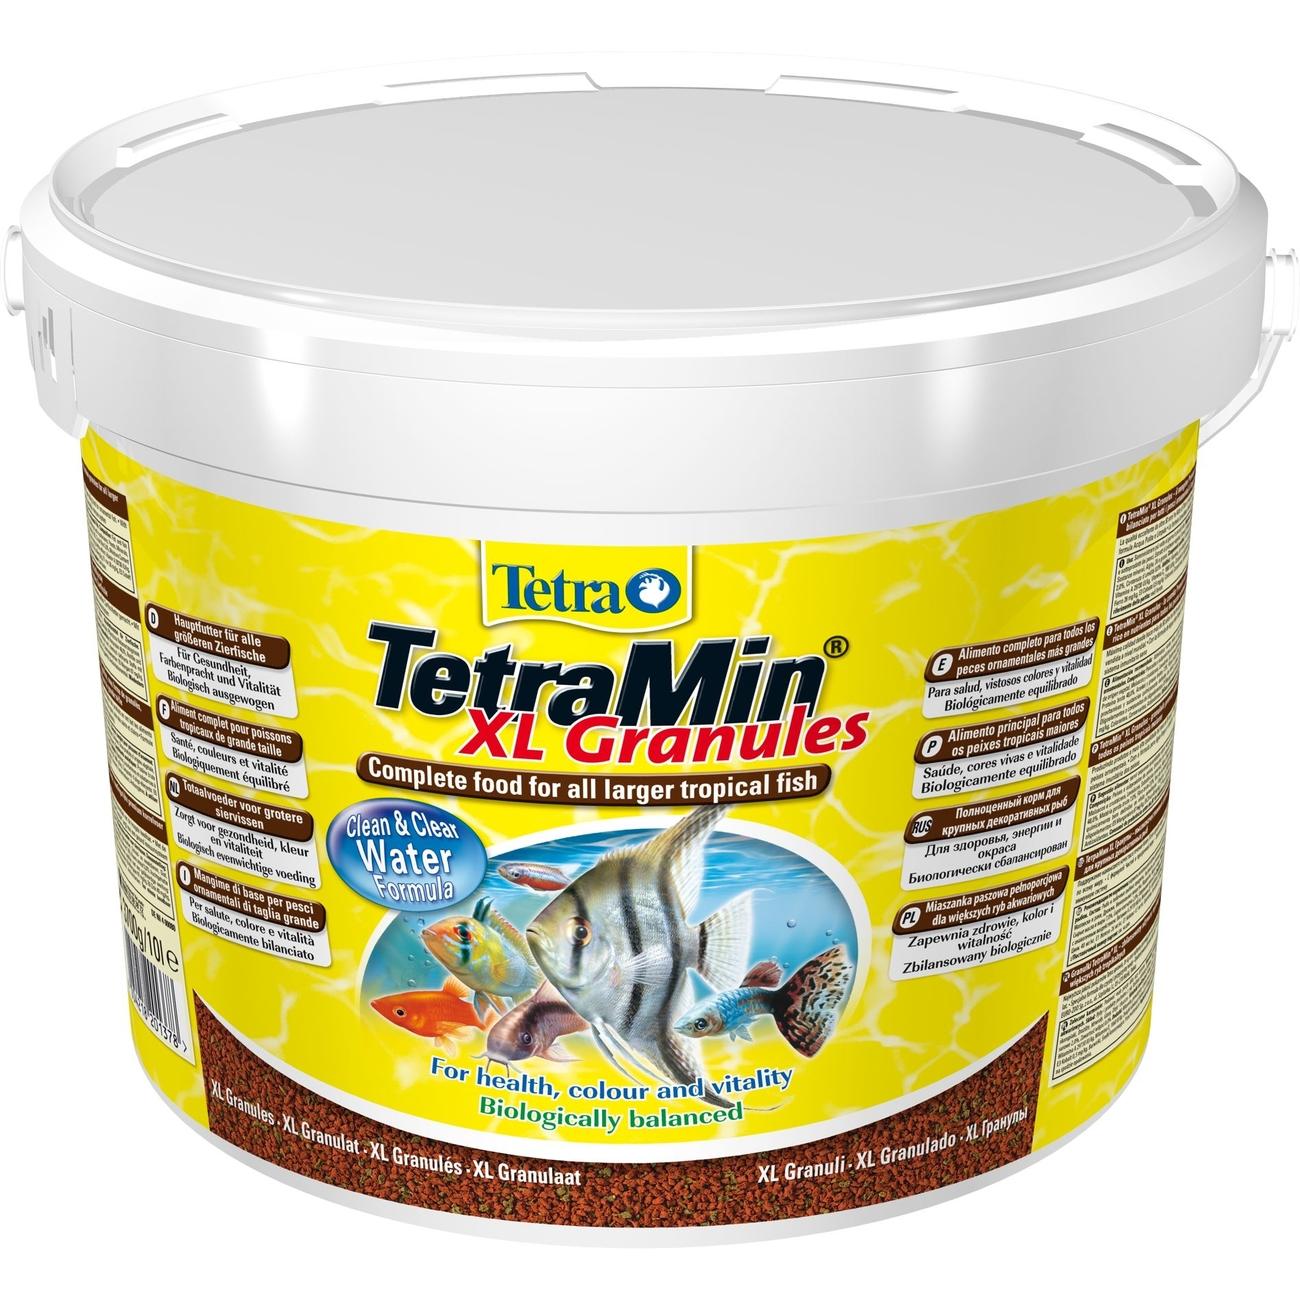 TetraMin XL Granules Preview Image